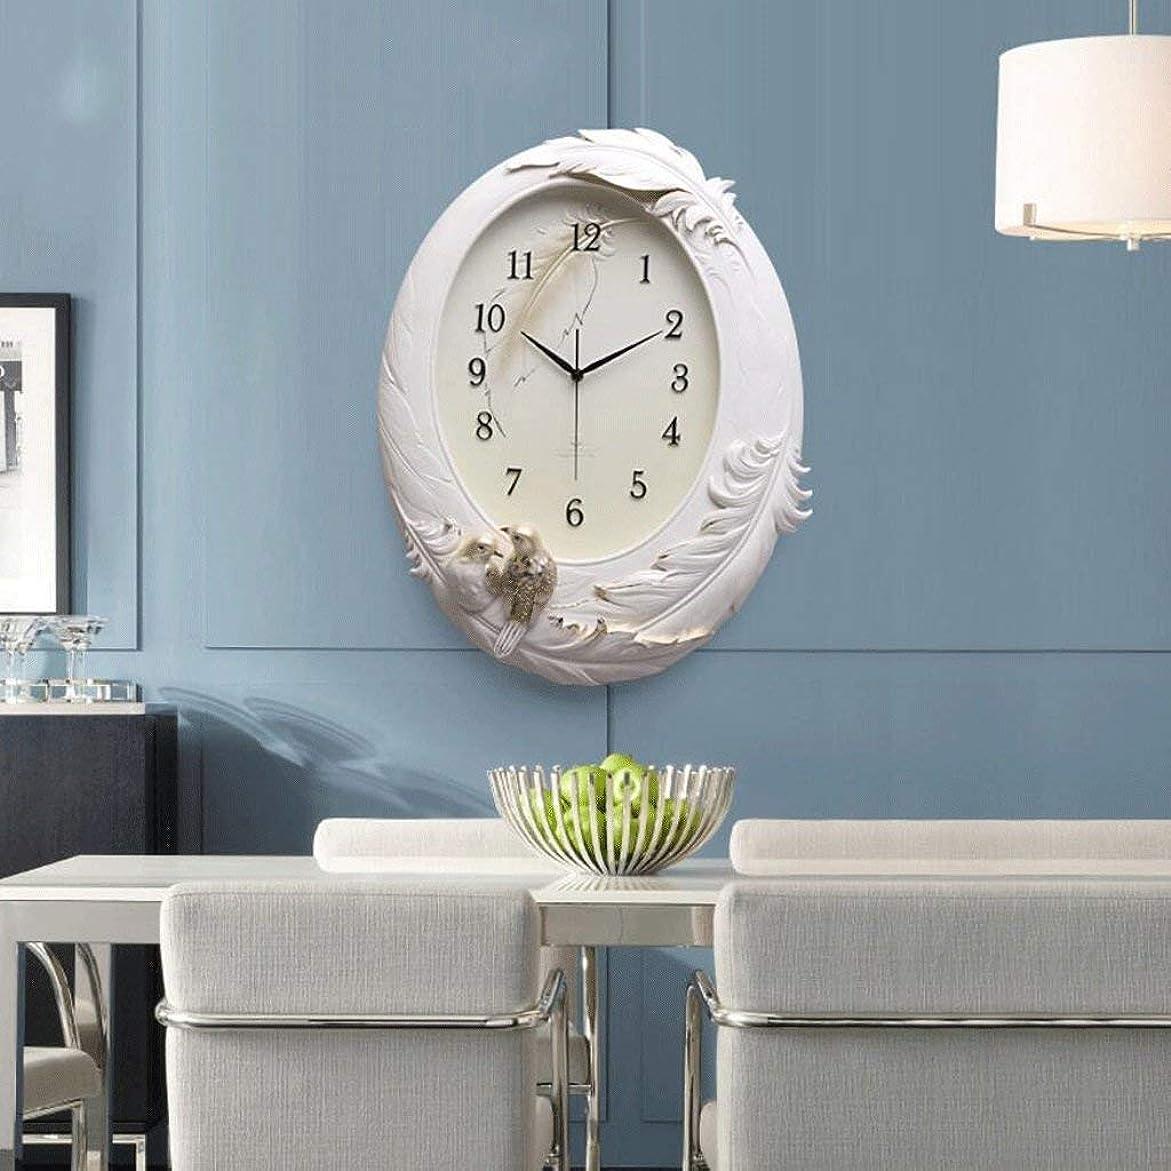 バブルハウジング小間Jundonglilai 壁時計時計ファッショナブルなアート壁時計リビングルーム現代のハイエンド3dクリエイティブ時計ミュート手描きヨーロッパ時計 (Color : B)